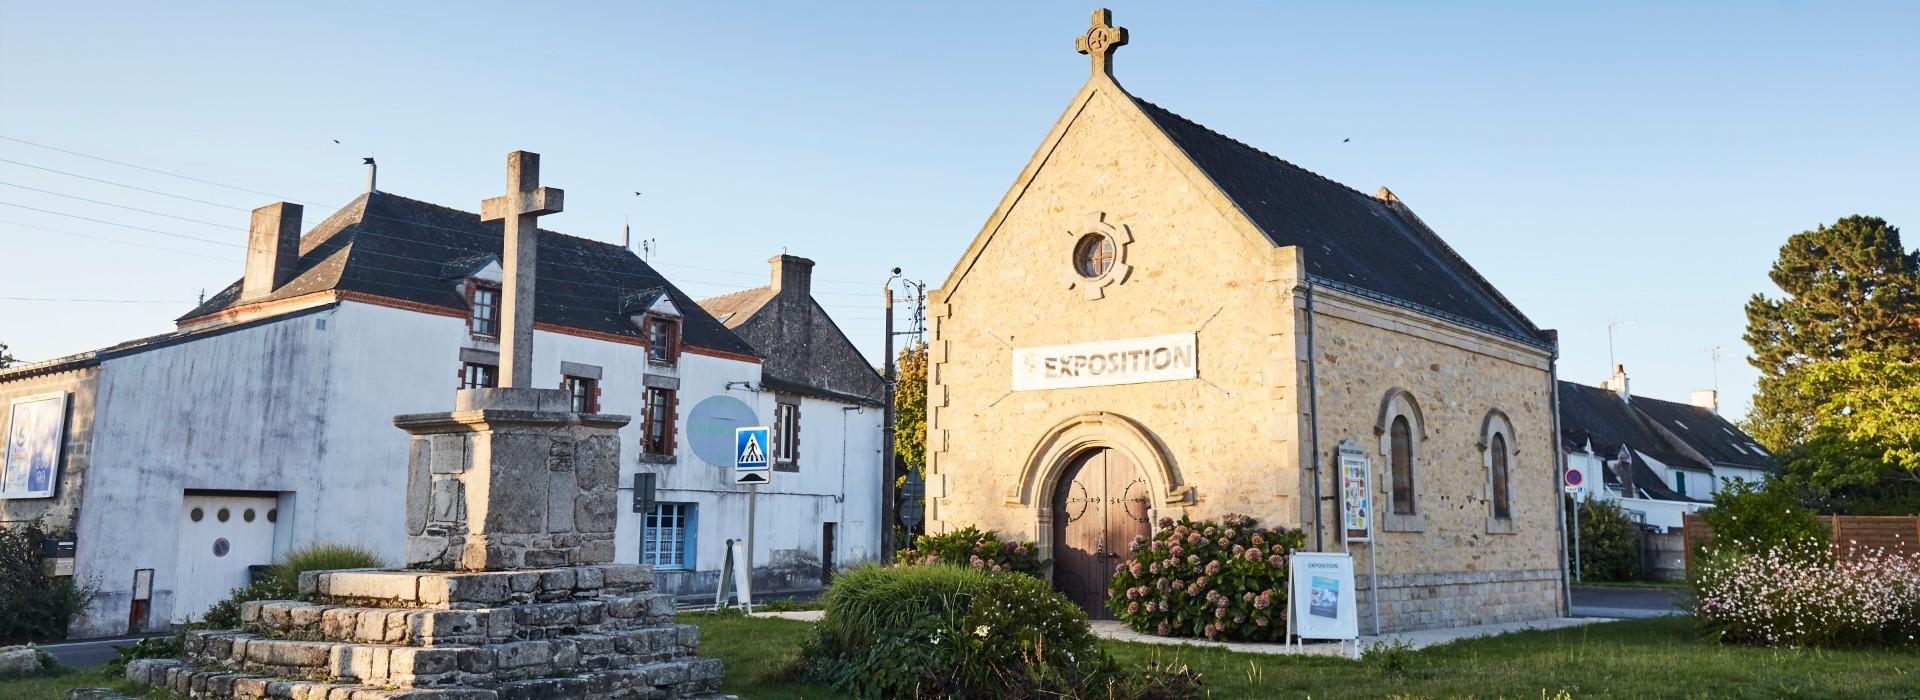 Saint-Molf - Croix et calvaires, à la croisée des chemins